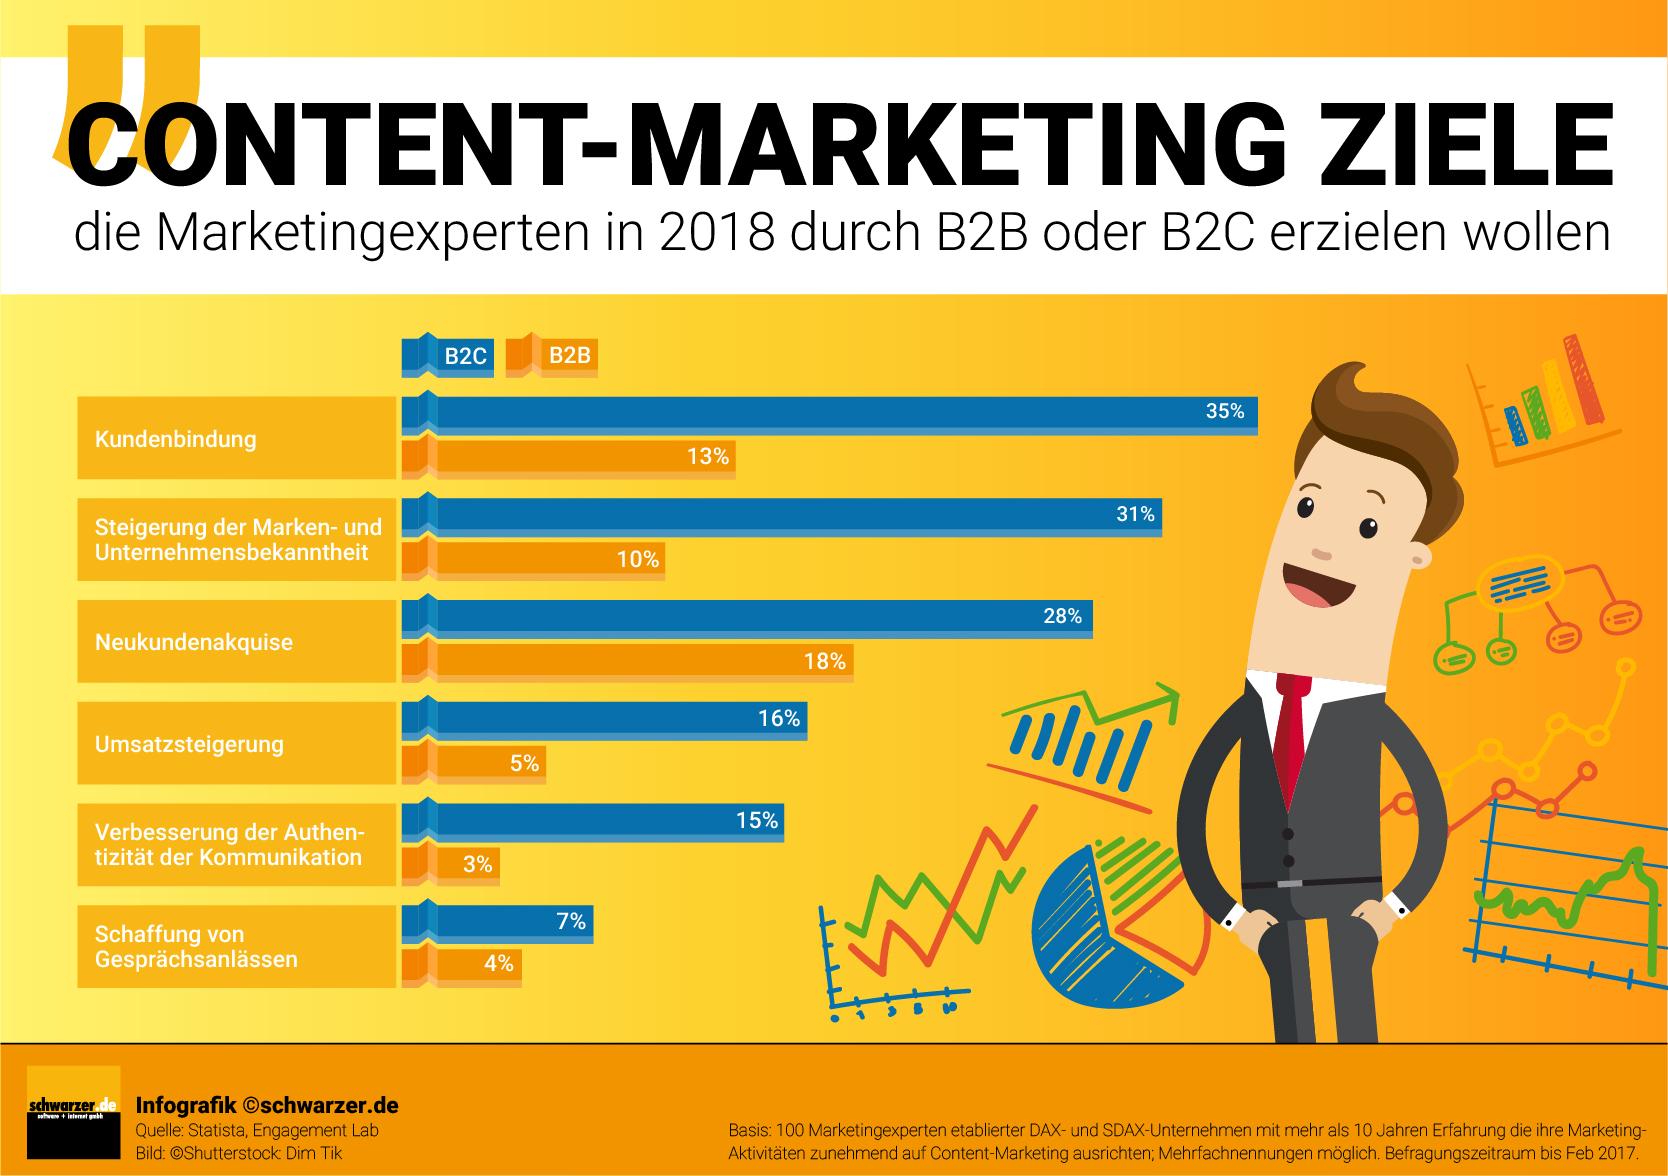 Infografik: Welche Ziele verfolgen Marketingexperten im Jahr 2018 in B2B und B2C mit Content-Marketing?